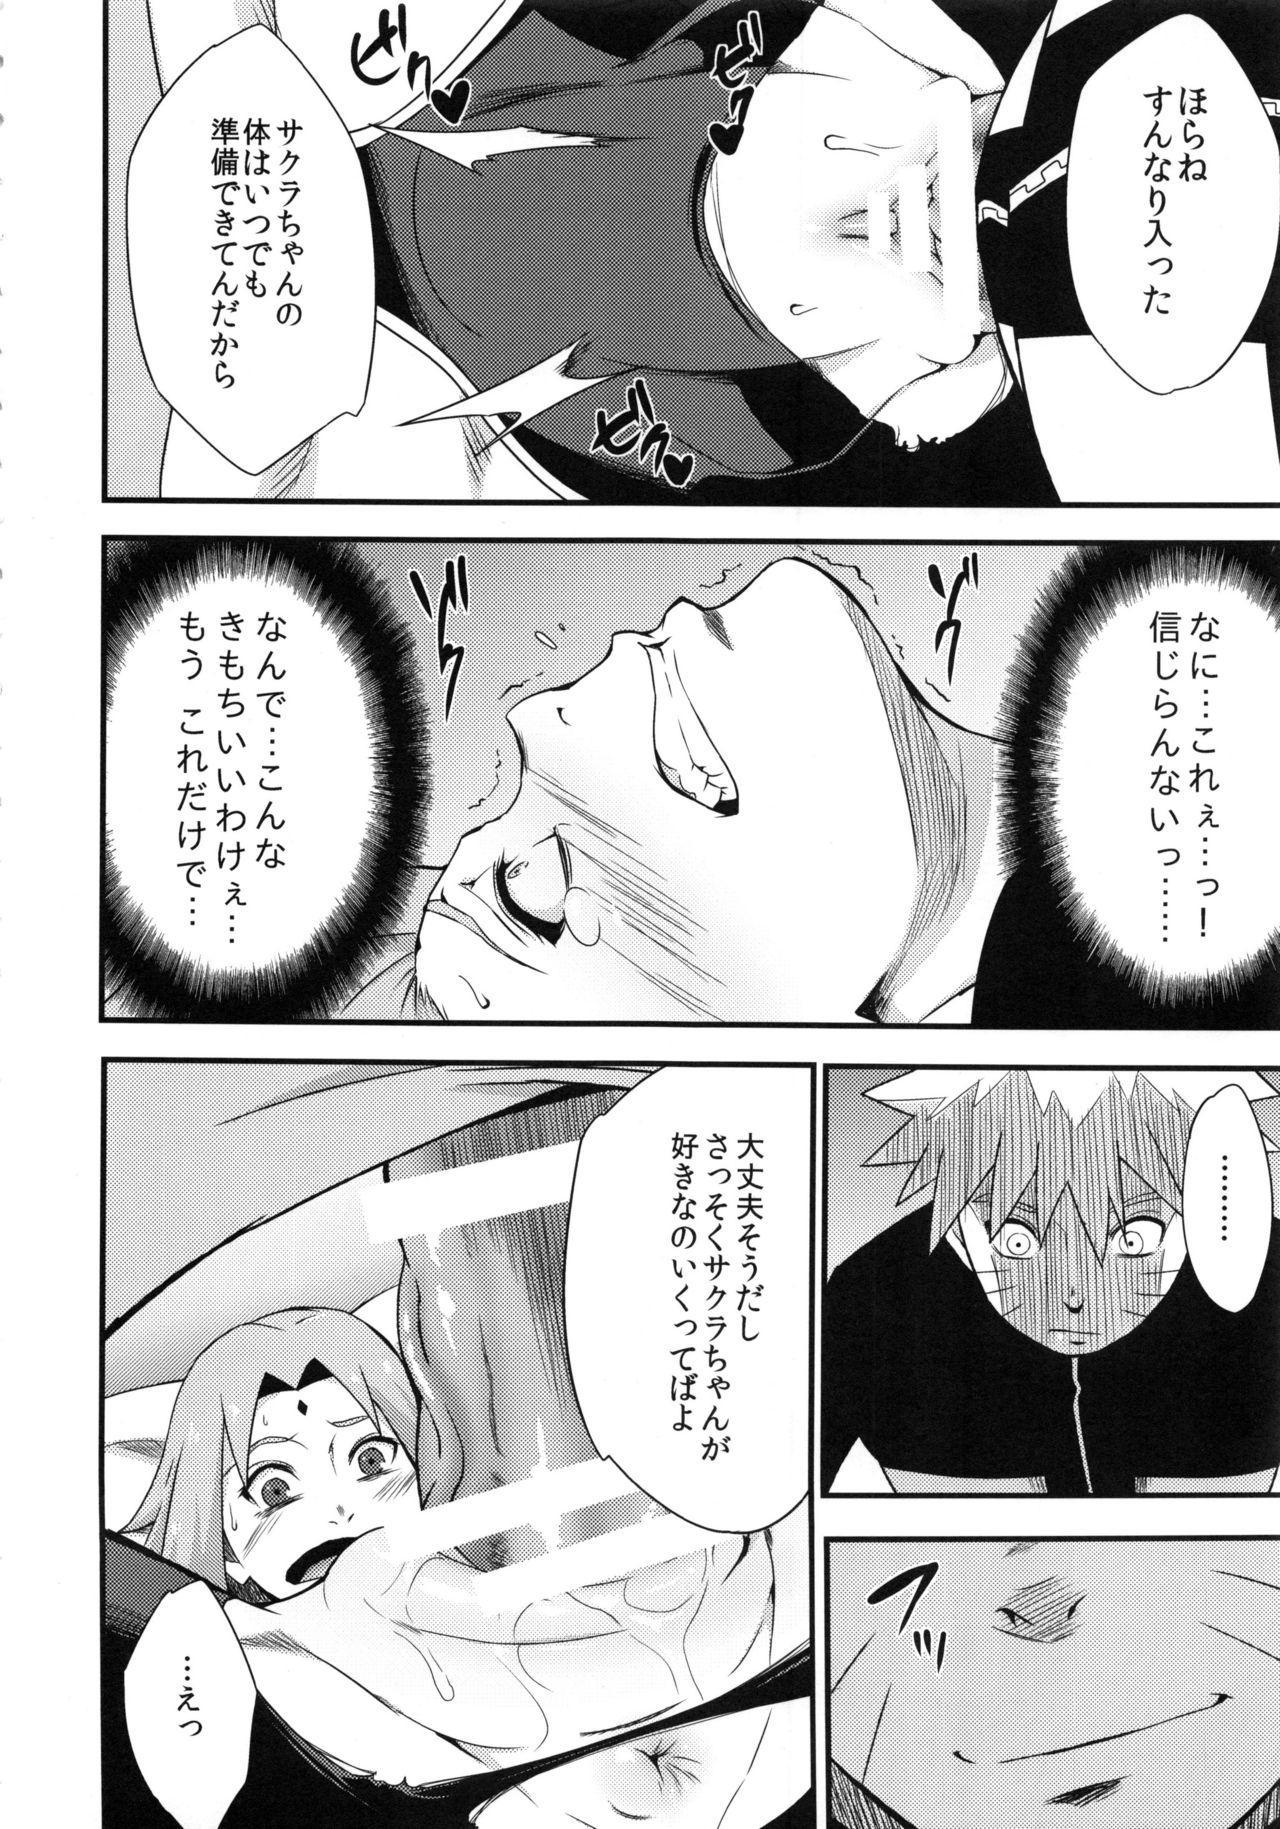 Botan to Sakura 6